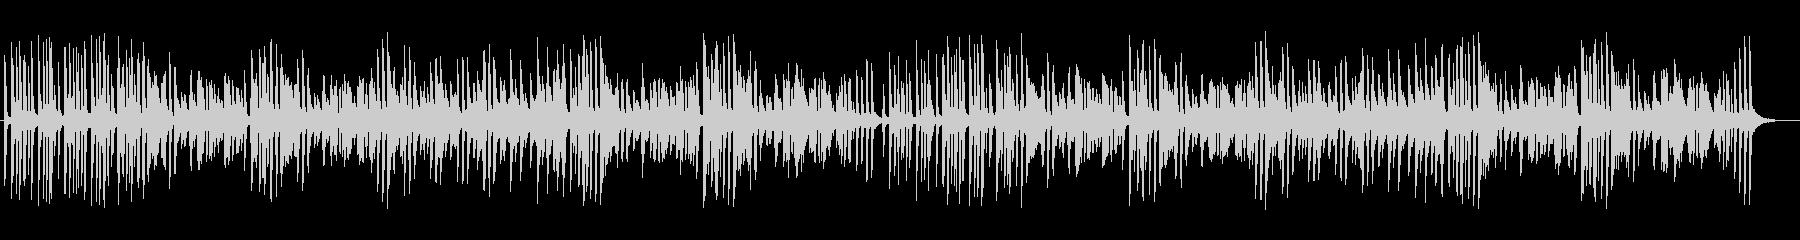 軽快なミディアムテンポのジャズピアノの未再生の波形